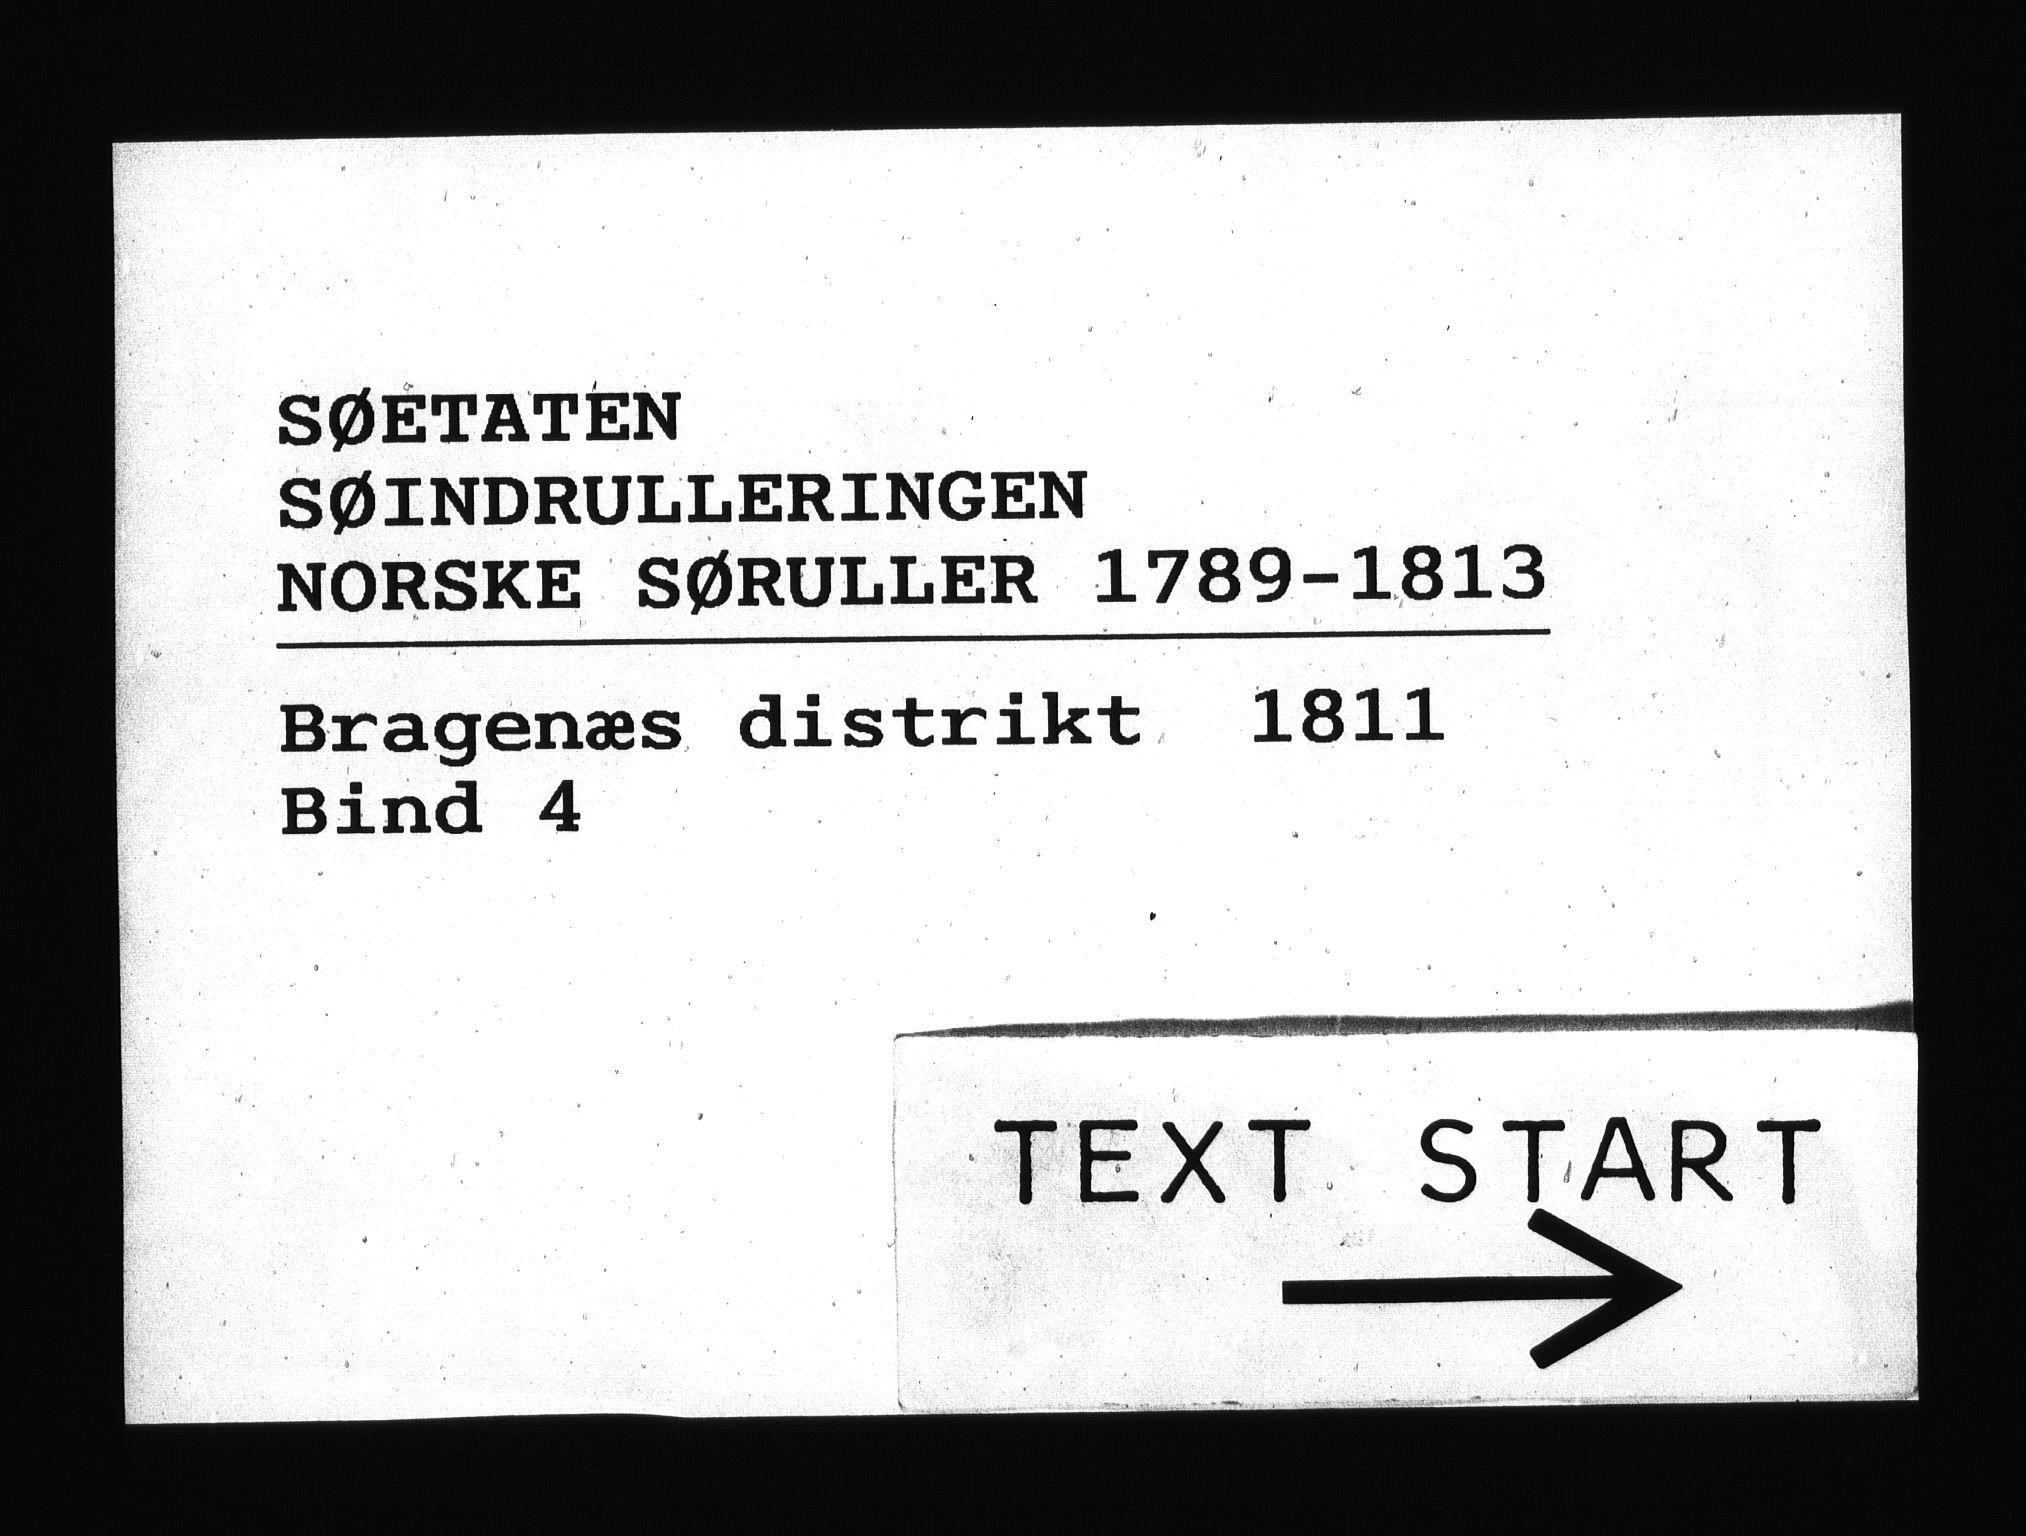 RA, Sjøetaten, F/L0163: Bragernes distrikt, bind 4, 1811